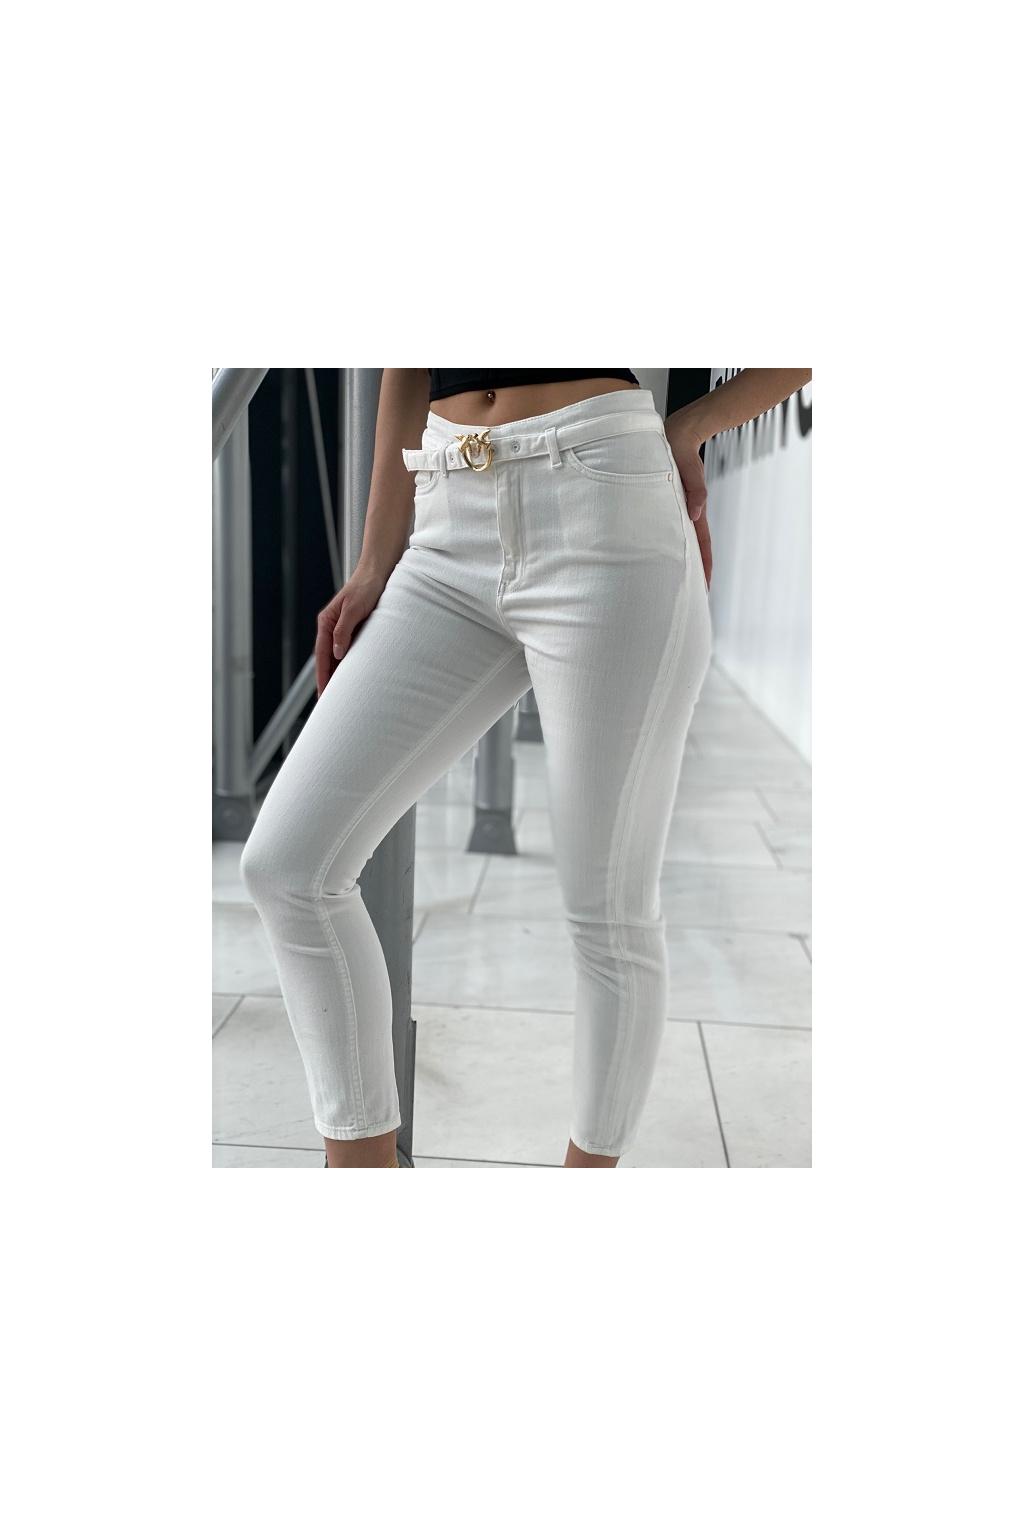 Dámské džíny Pinko Susan 13 Skinny PJ385C bílé